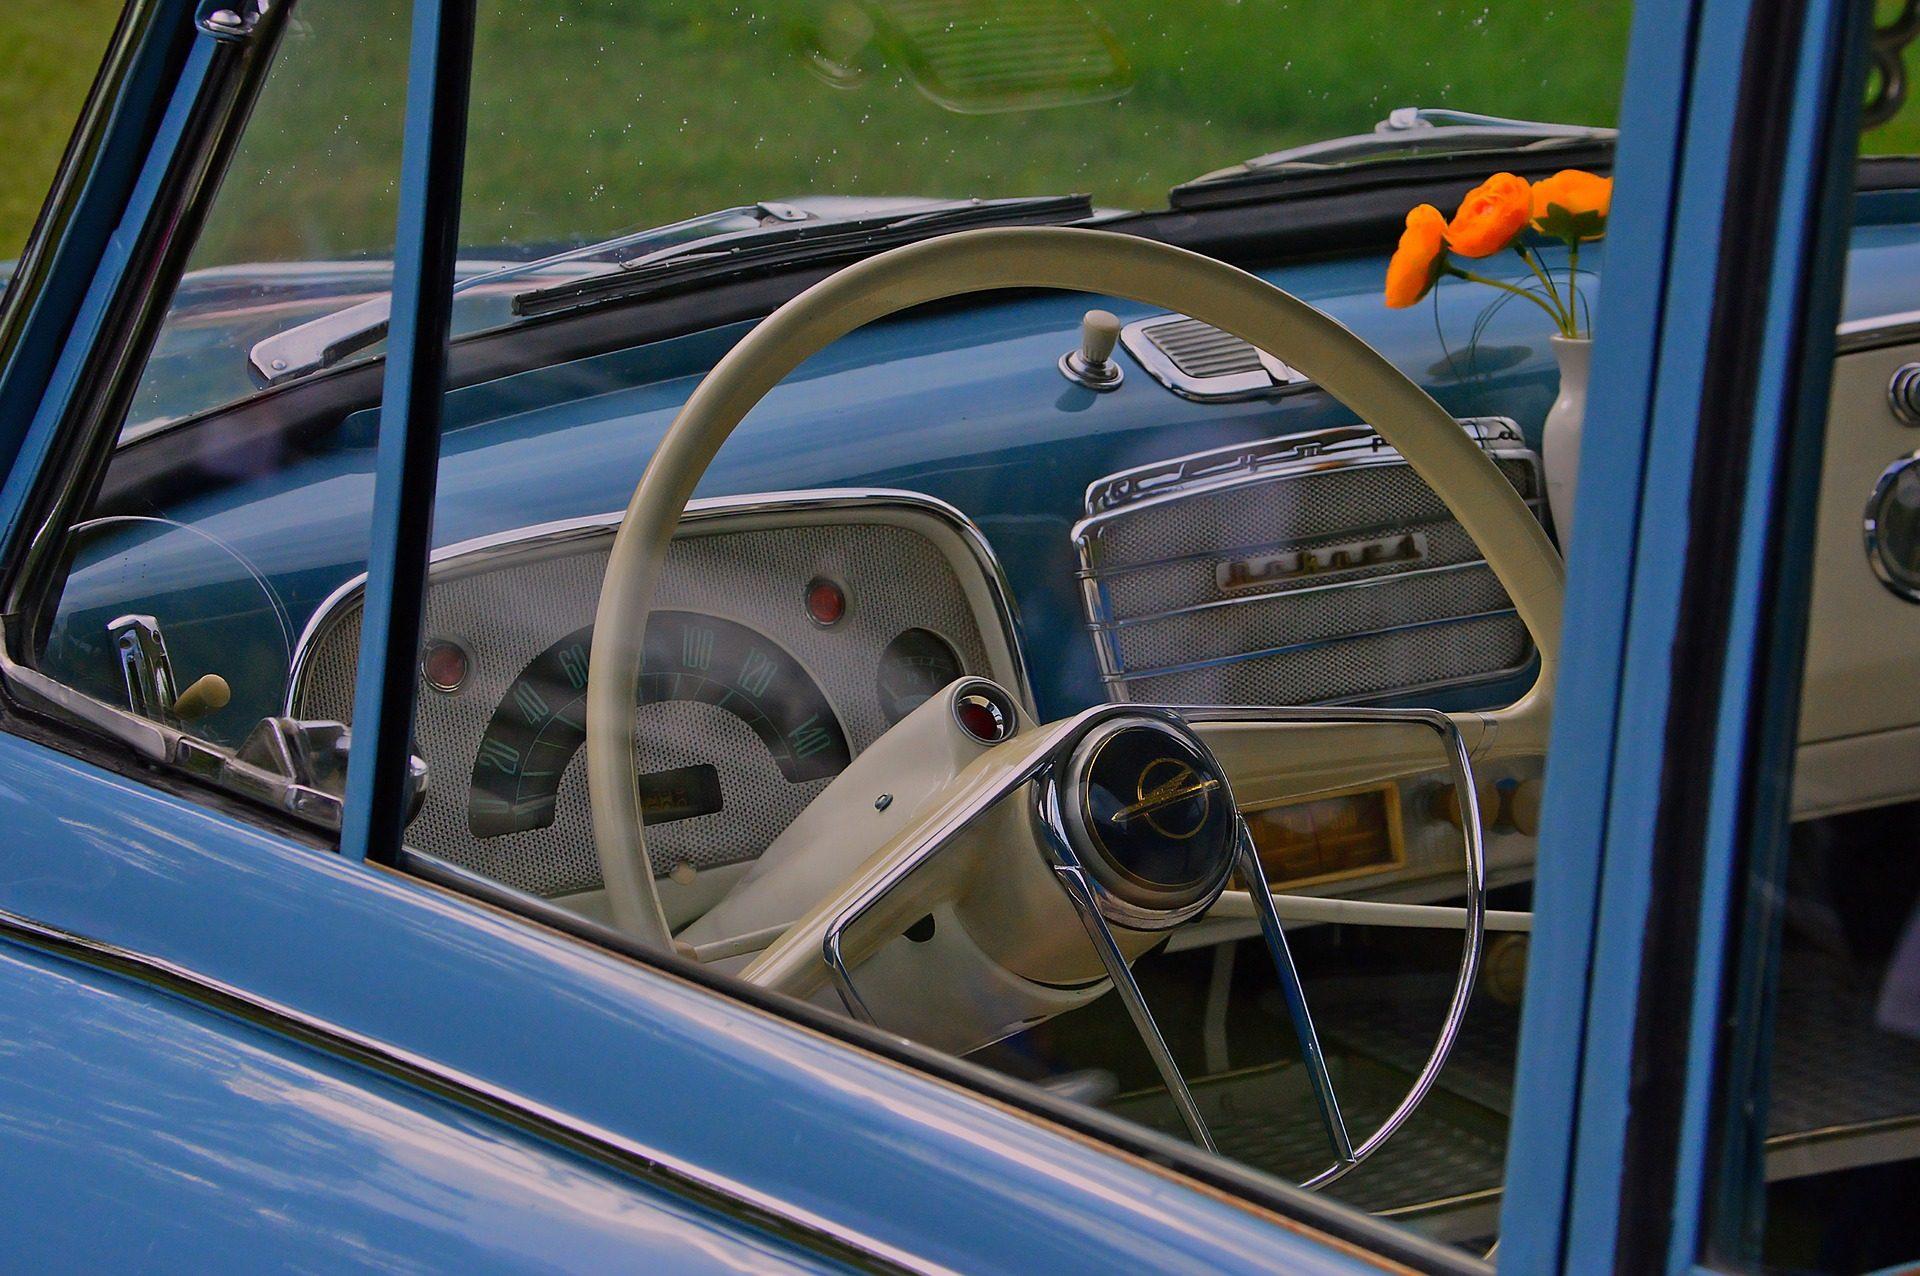 車, 古い, クラシック, ヴィンテージ, ステアリング ホイール, ダッシュ ボード - HD の壁紙 - 教授-falken.com